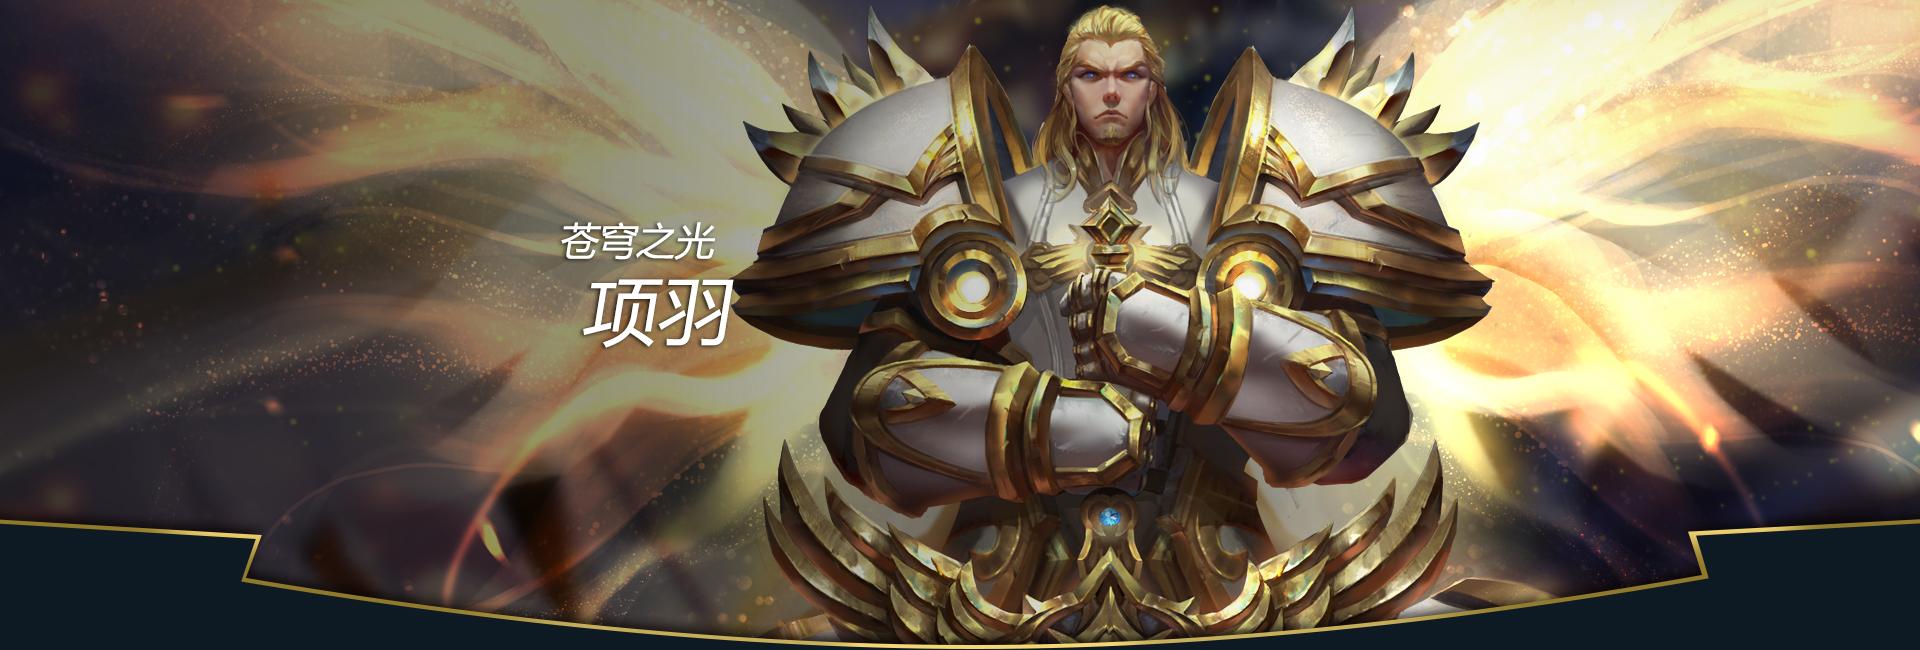 第2弹《王者荣耀英雄皮肤CG》竞技游戏114